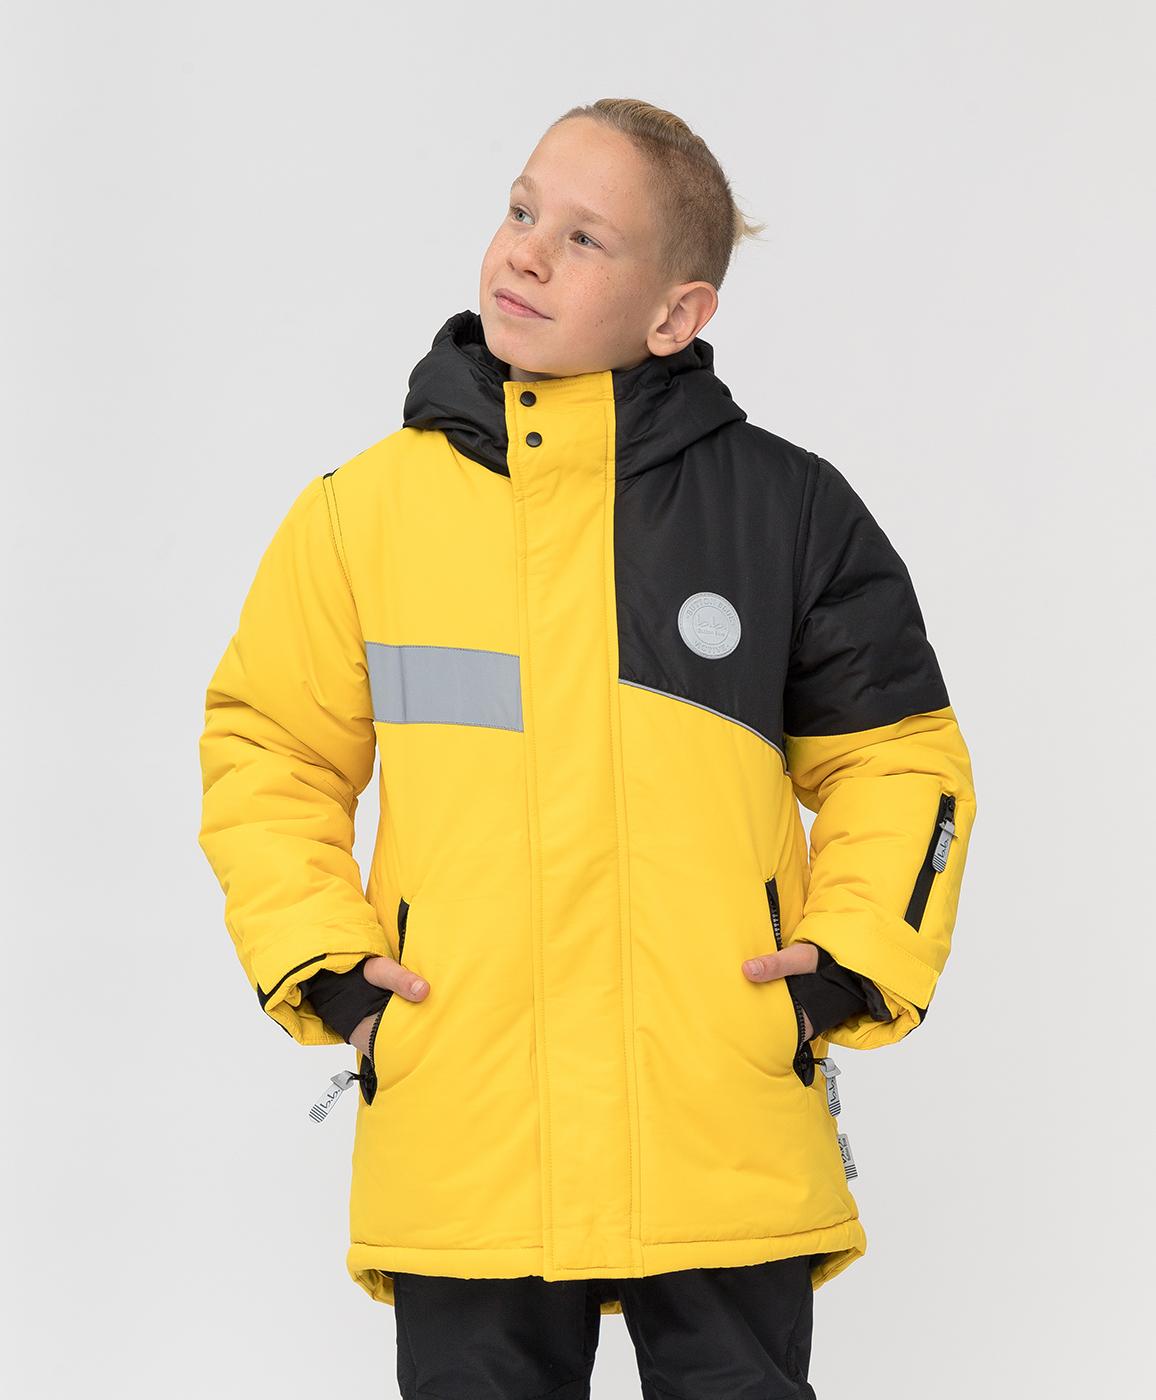 Купить 220BBBA45012700, Зимнее пальто Active Button Blue, желтый, 140, Мембрана, Мужской, Зима, ОСЕНЬ/ЗИМА 2020-2021 (shop: GulliverMarket Gulliver Market)